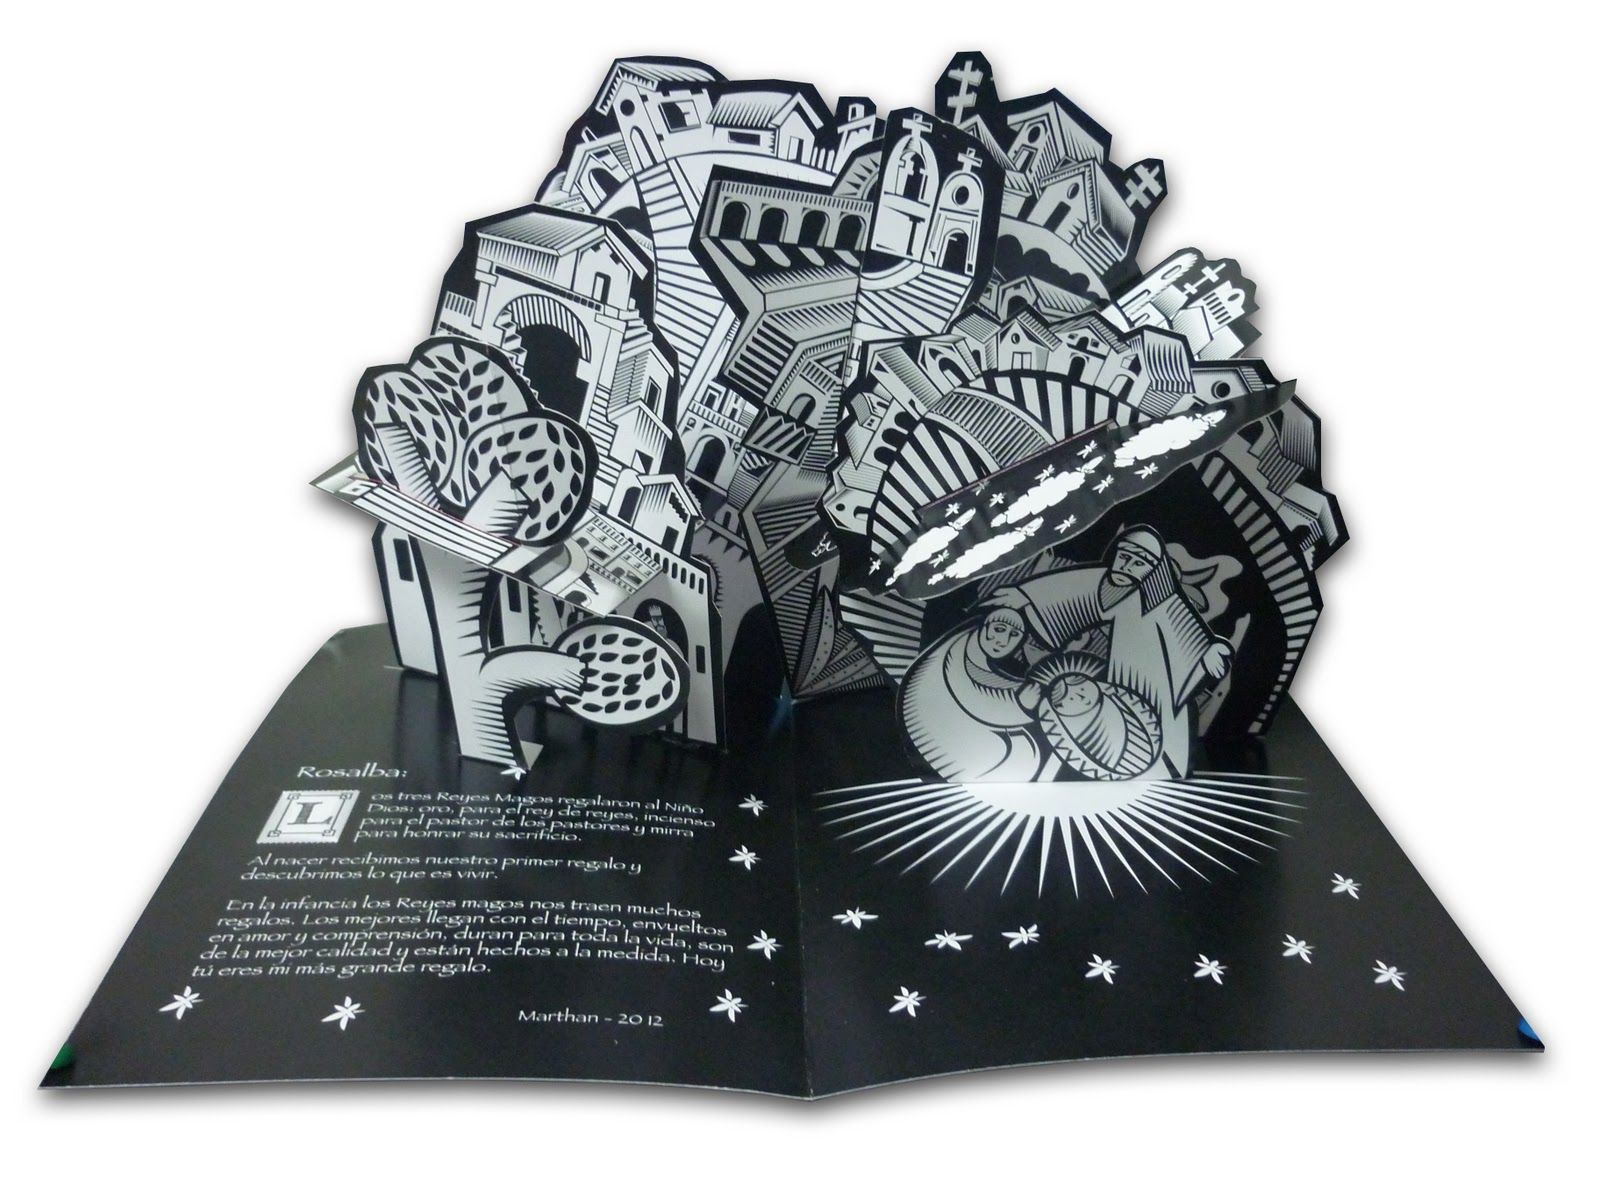 Tarjeta Pop Up Interior Nacimiento De Navidad Y Reyes Magos Diseño Ilustración E Ingeniería En Papel Marthan Book Art Pop Up Book Paper Engineering